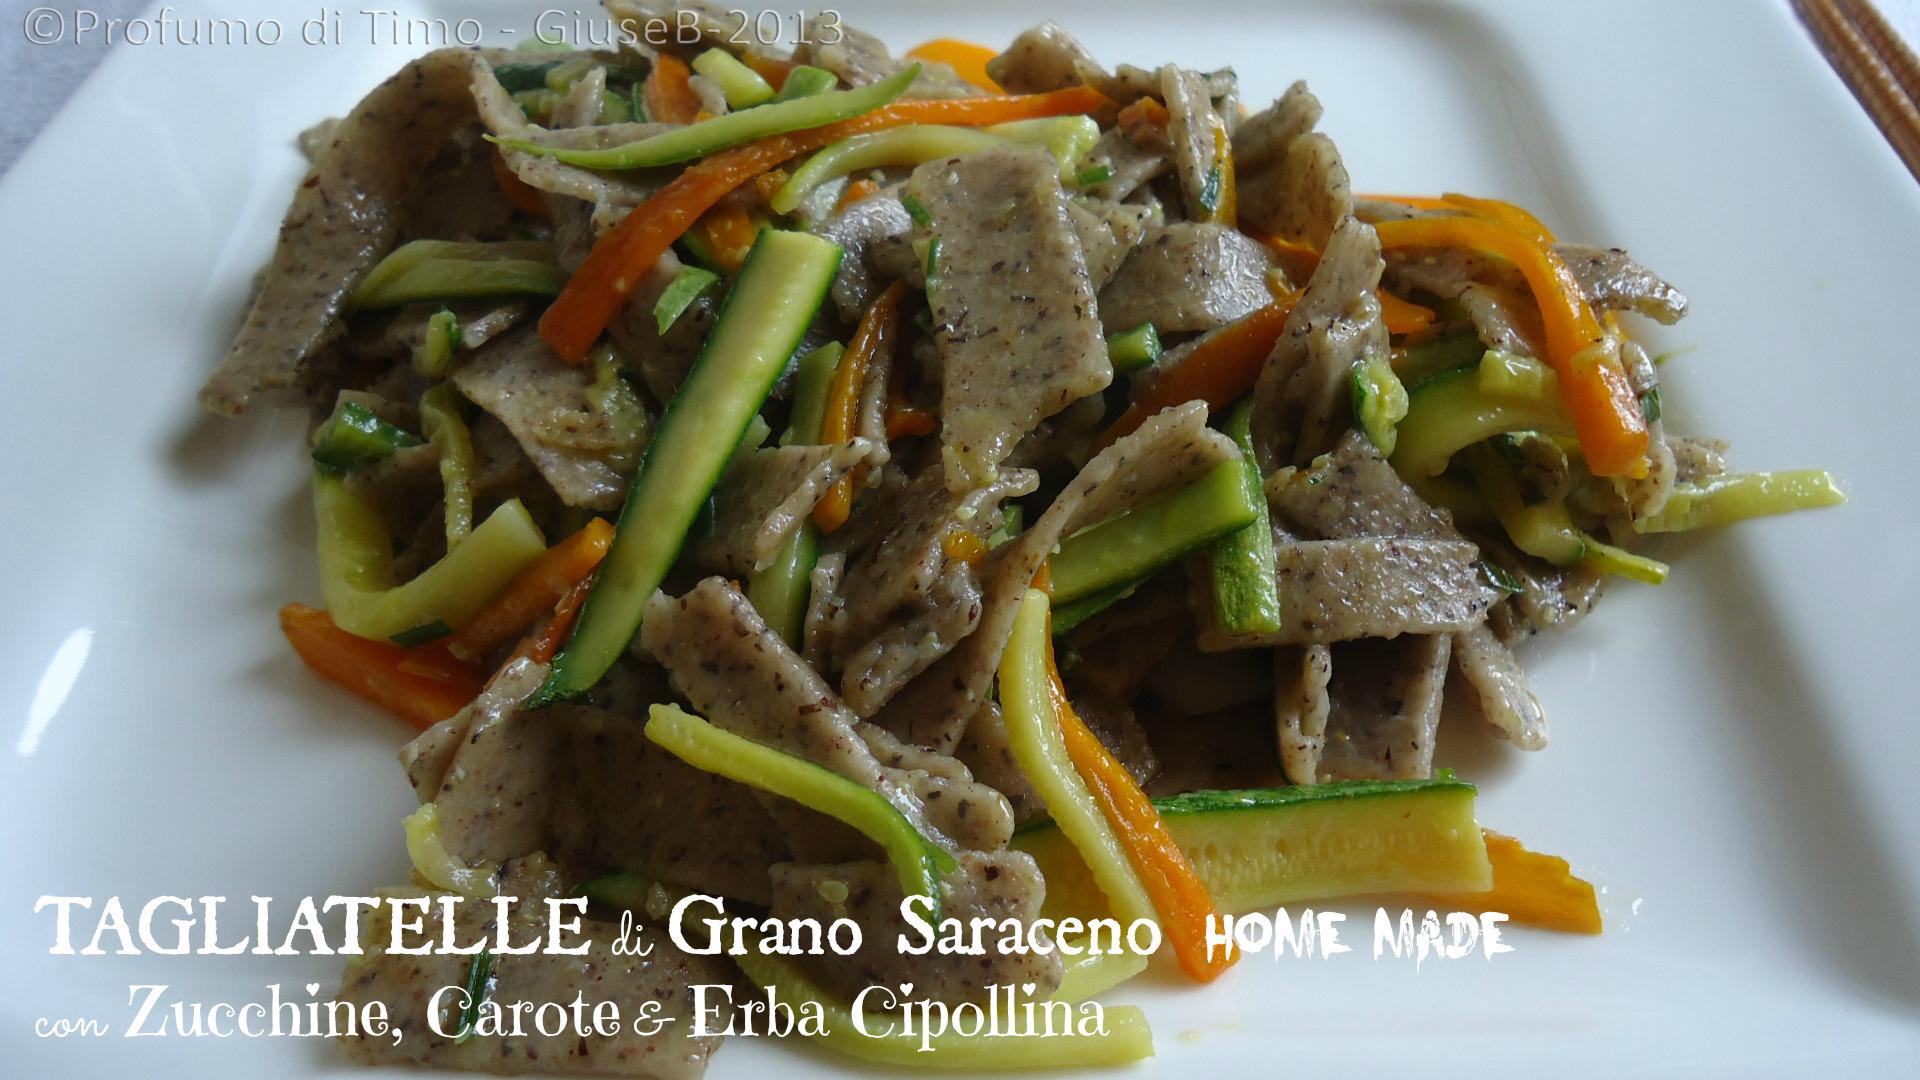 Tagliatelle grano saraceno  zucchine carote  erba cipollina